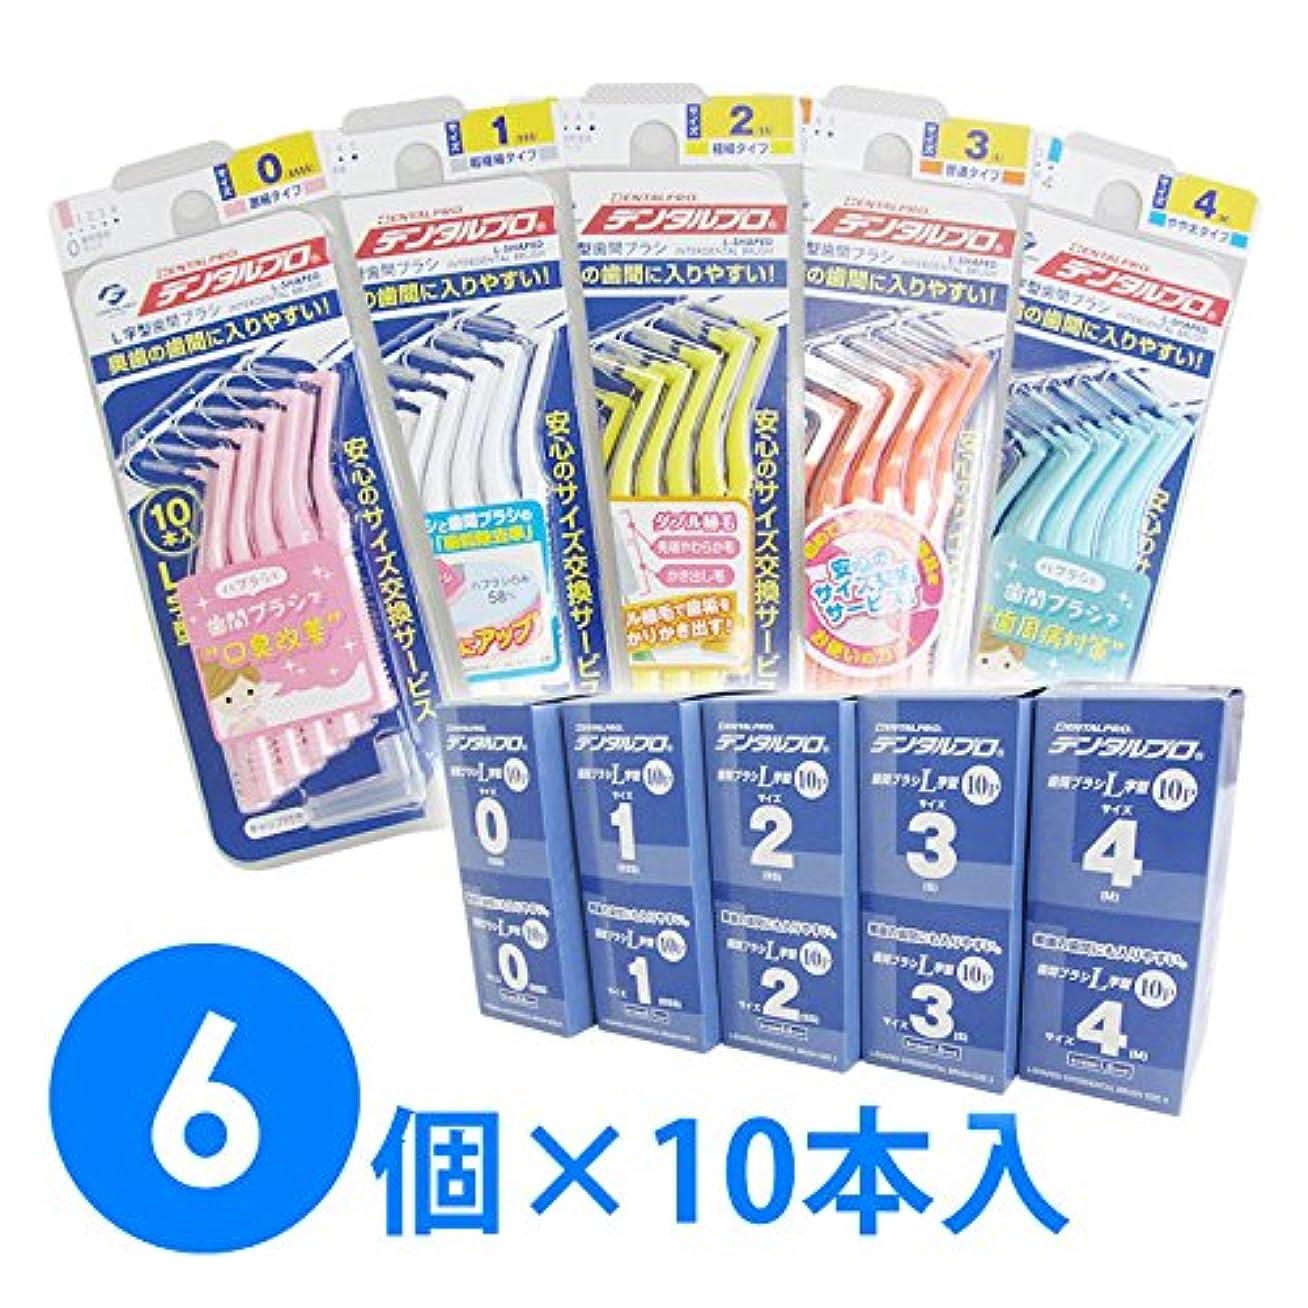 郵便屋さん画家突然【6個1箱】デンタルプロ 歯間ブラシL字型 10本入り×6個 (SSS(1)ホワイト)